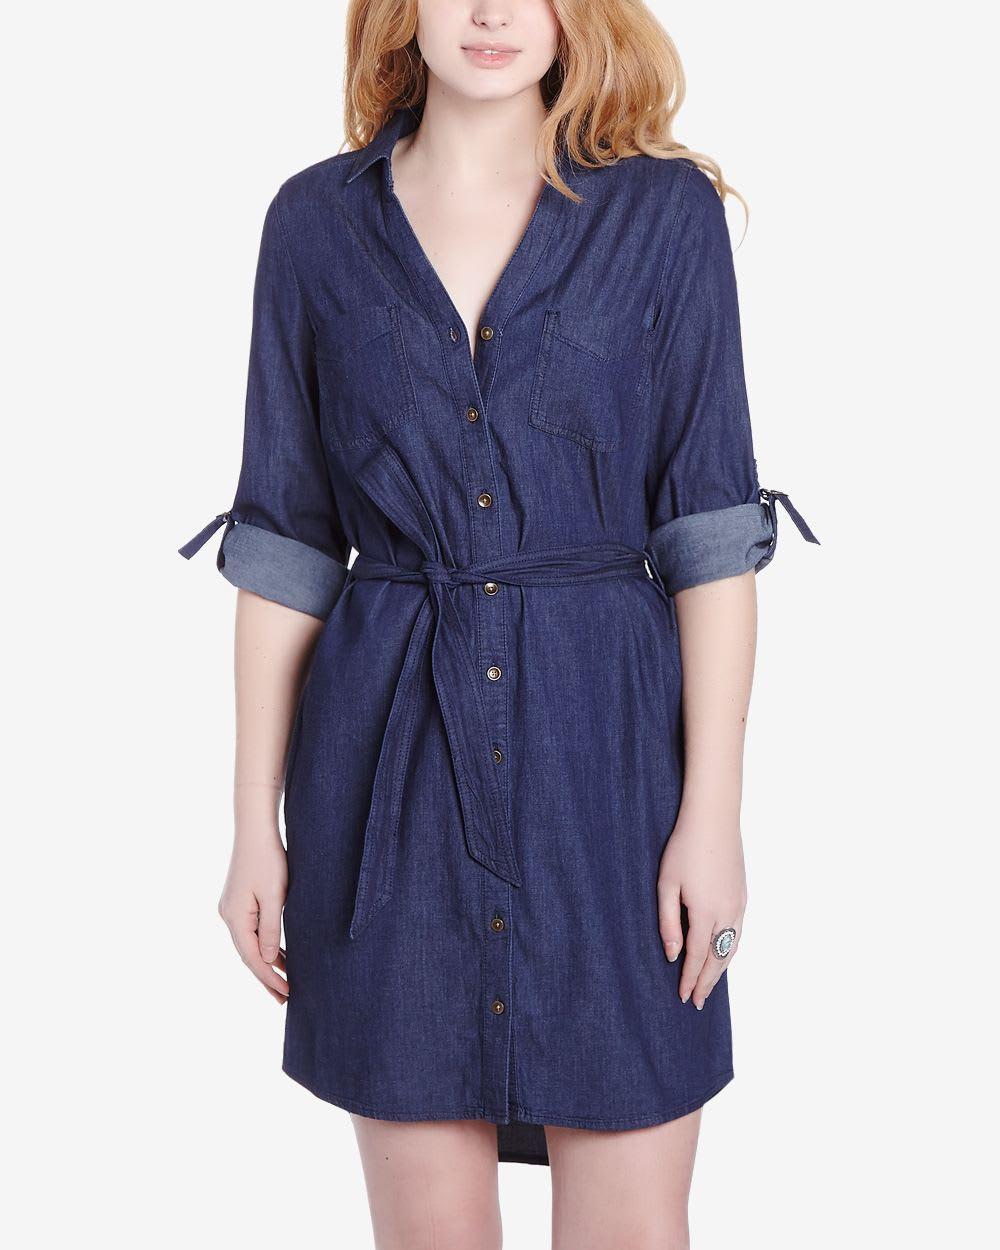 5527a929108 Long Sleeve Denim Shirt Dress